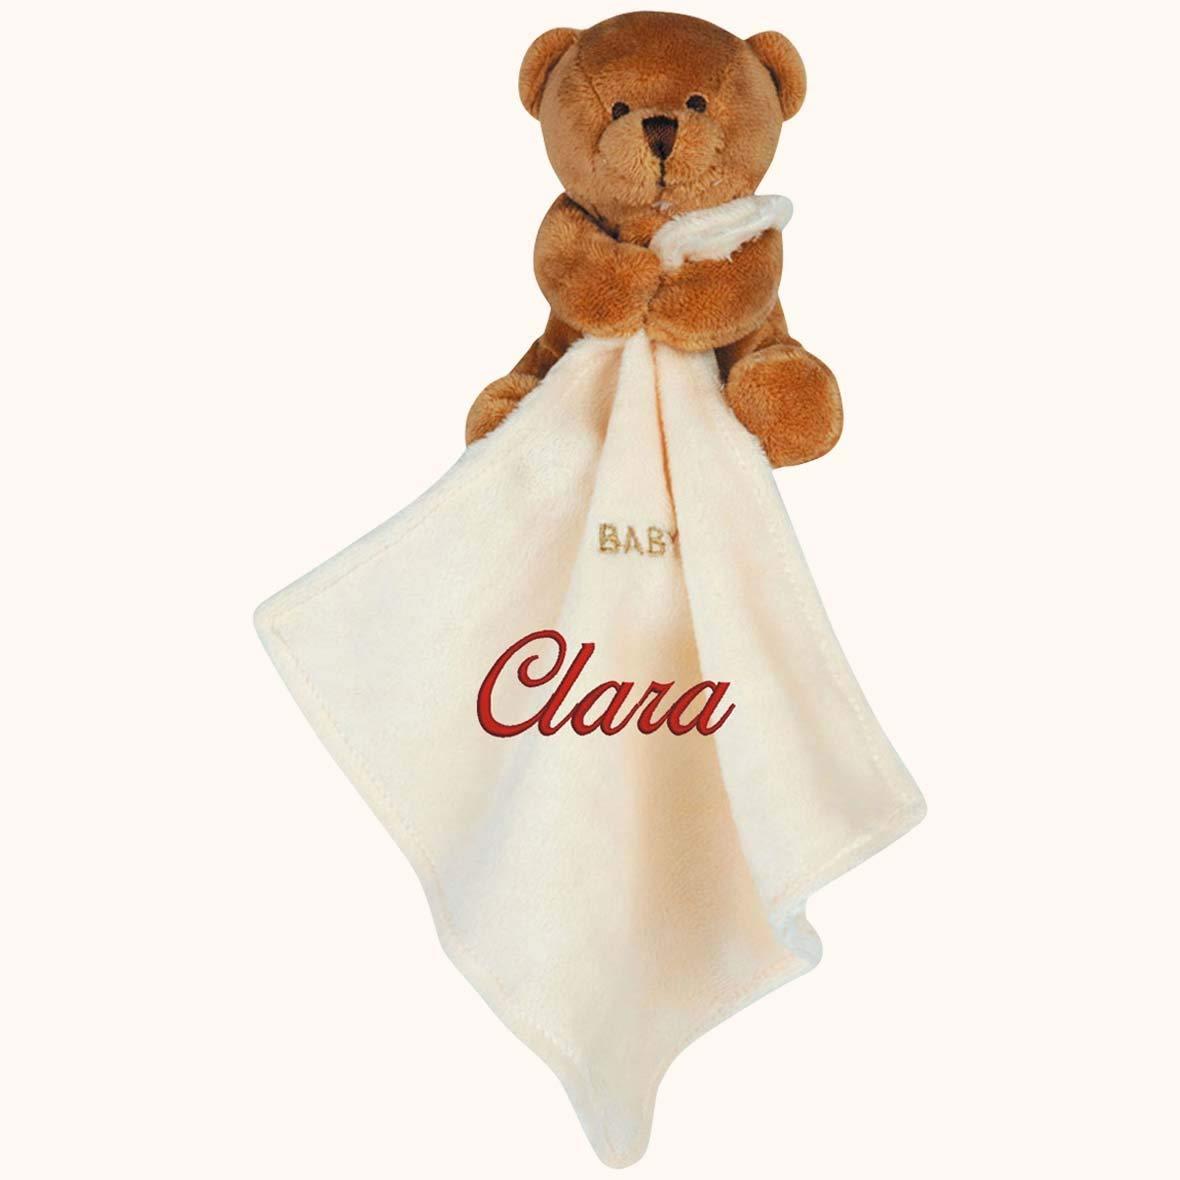 Doudou à broder avec prénom - Ourson marron - cadeau liste de naissance - cadeau personnalisé naissance-cadeau personnalisé bébé-cadeau Noël bébé